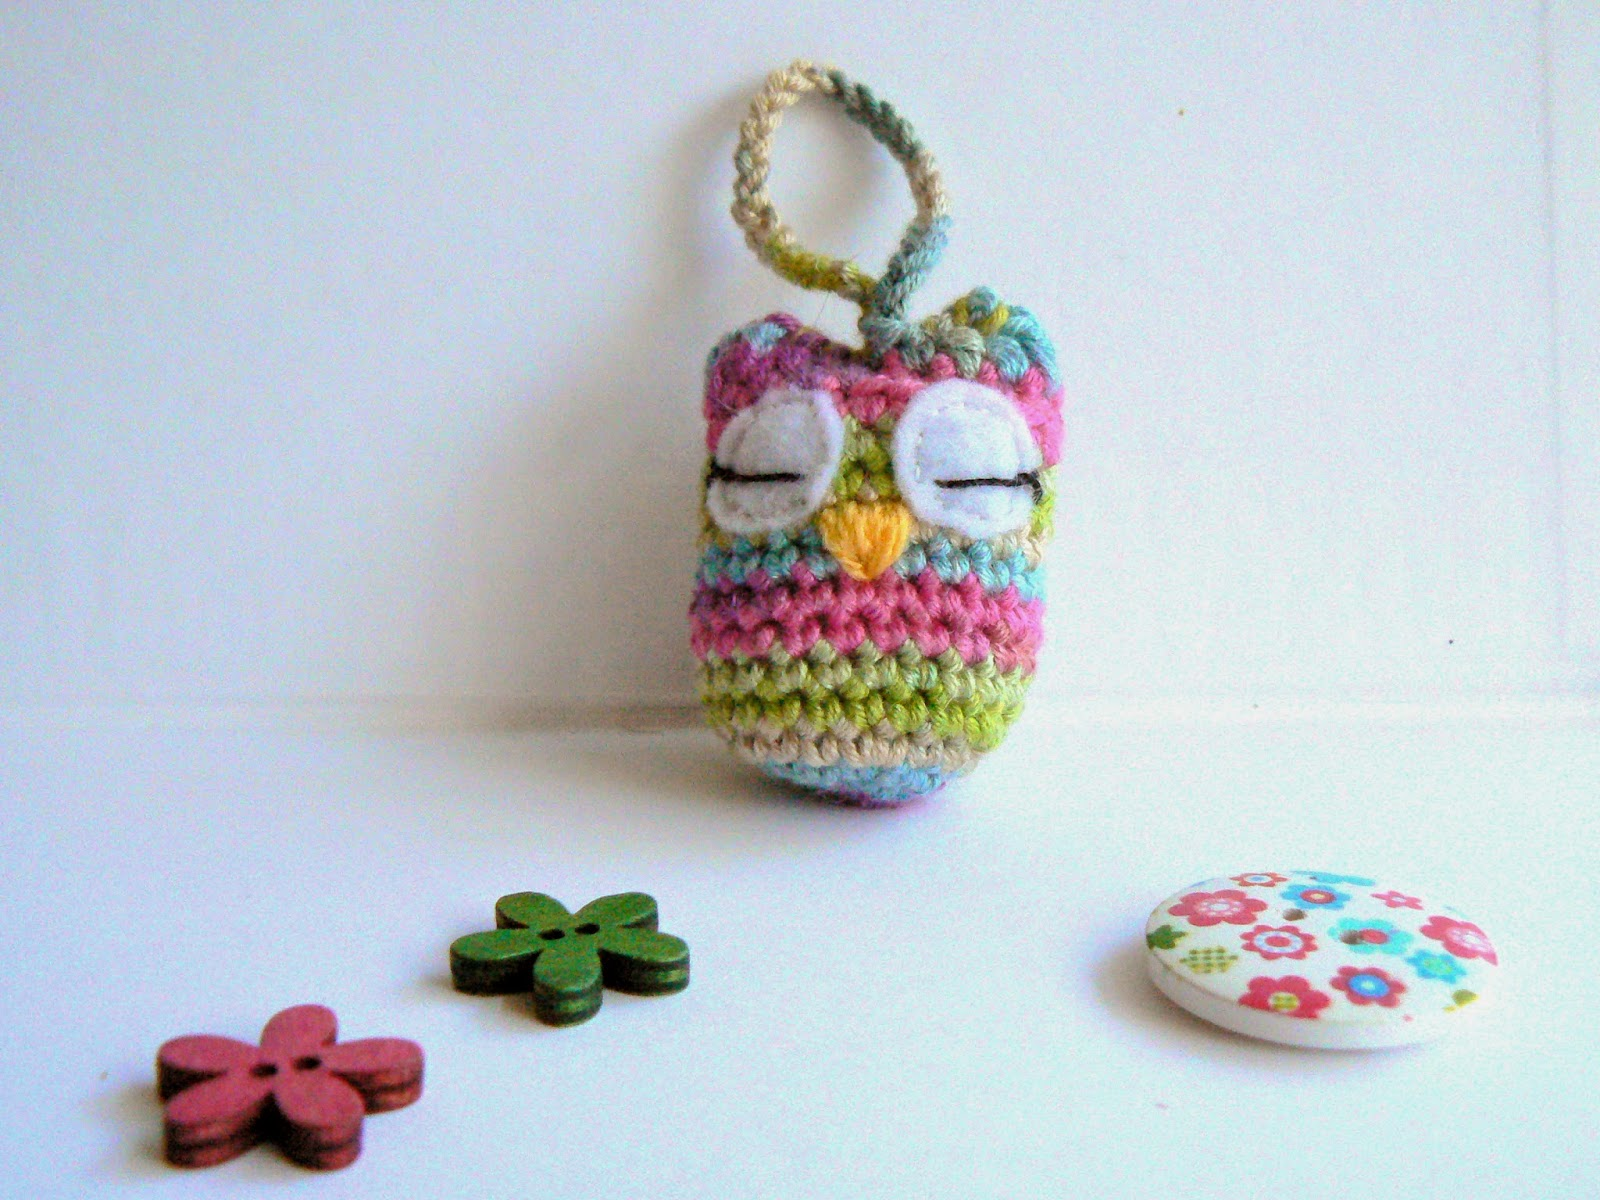 Cute Little Amigurumi Owl : Little crochet a little owl free pattern